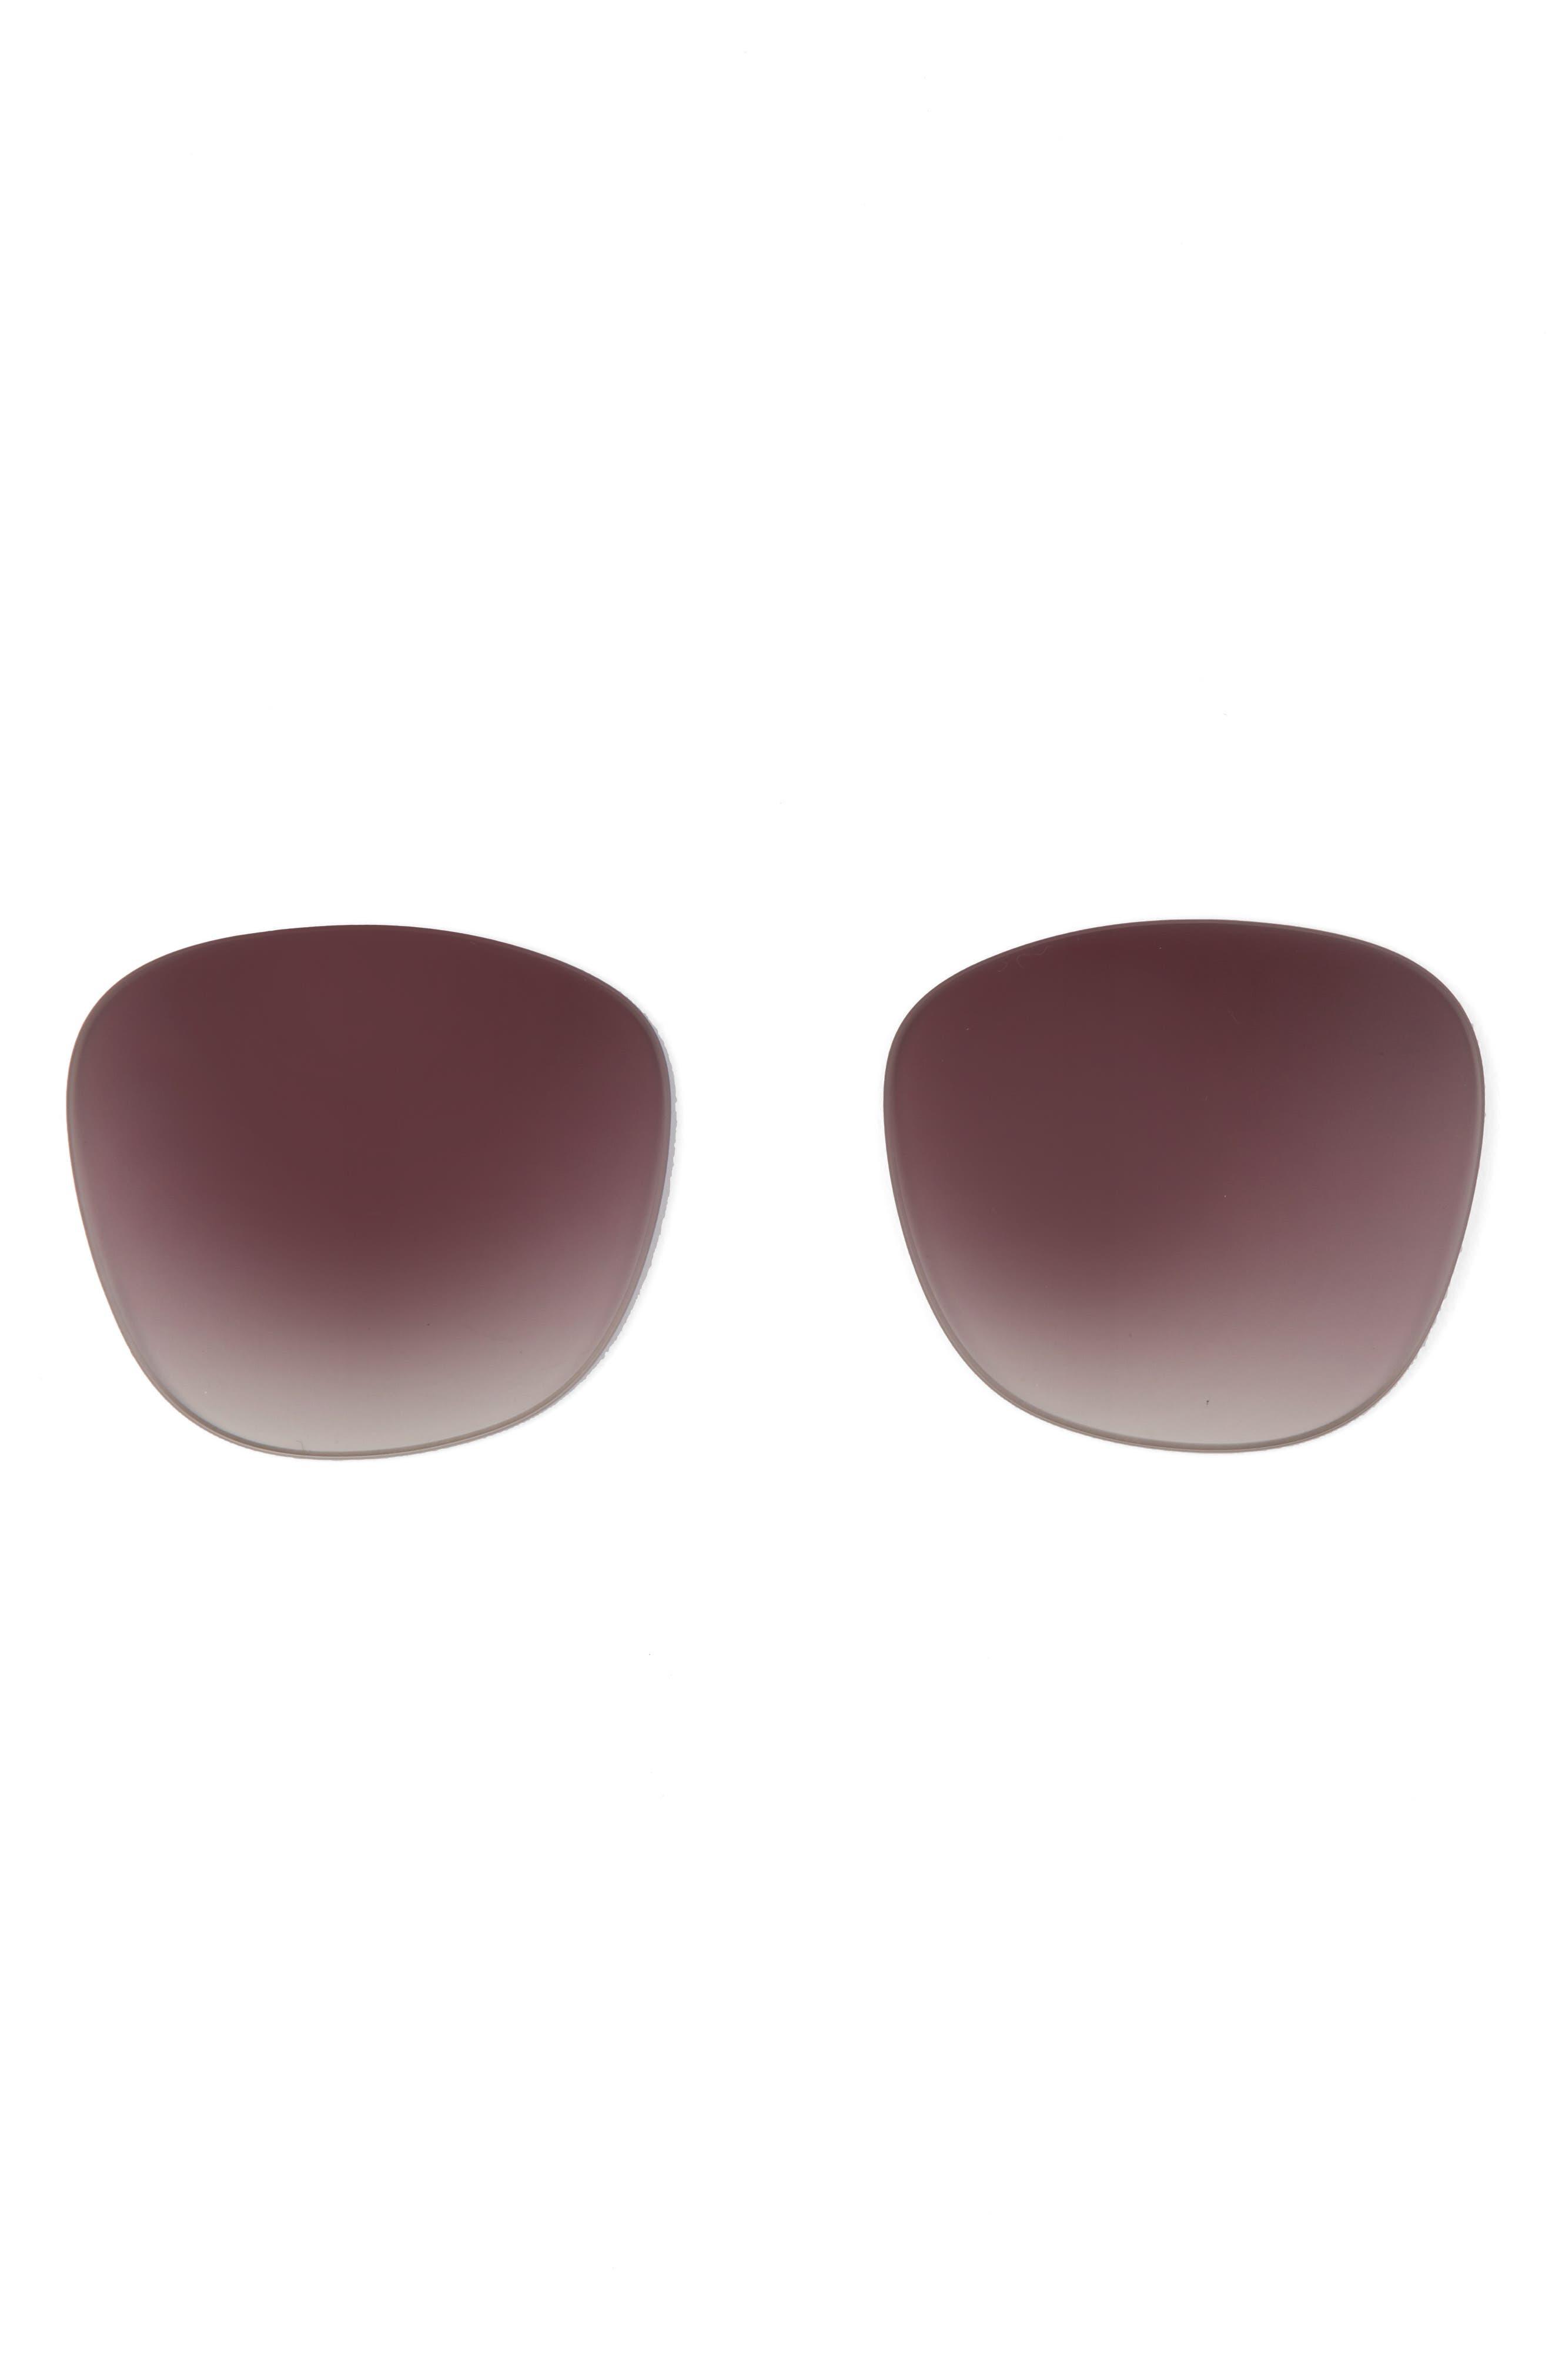 Men's Bose Frames Soprano Lenses